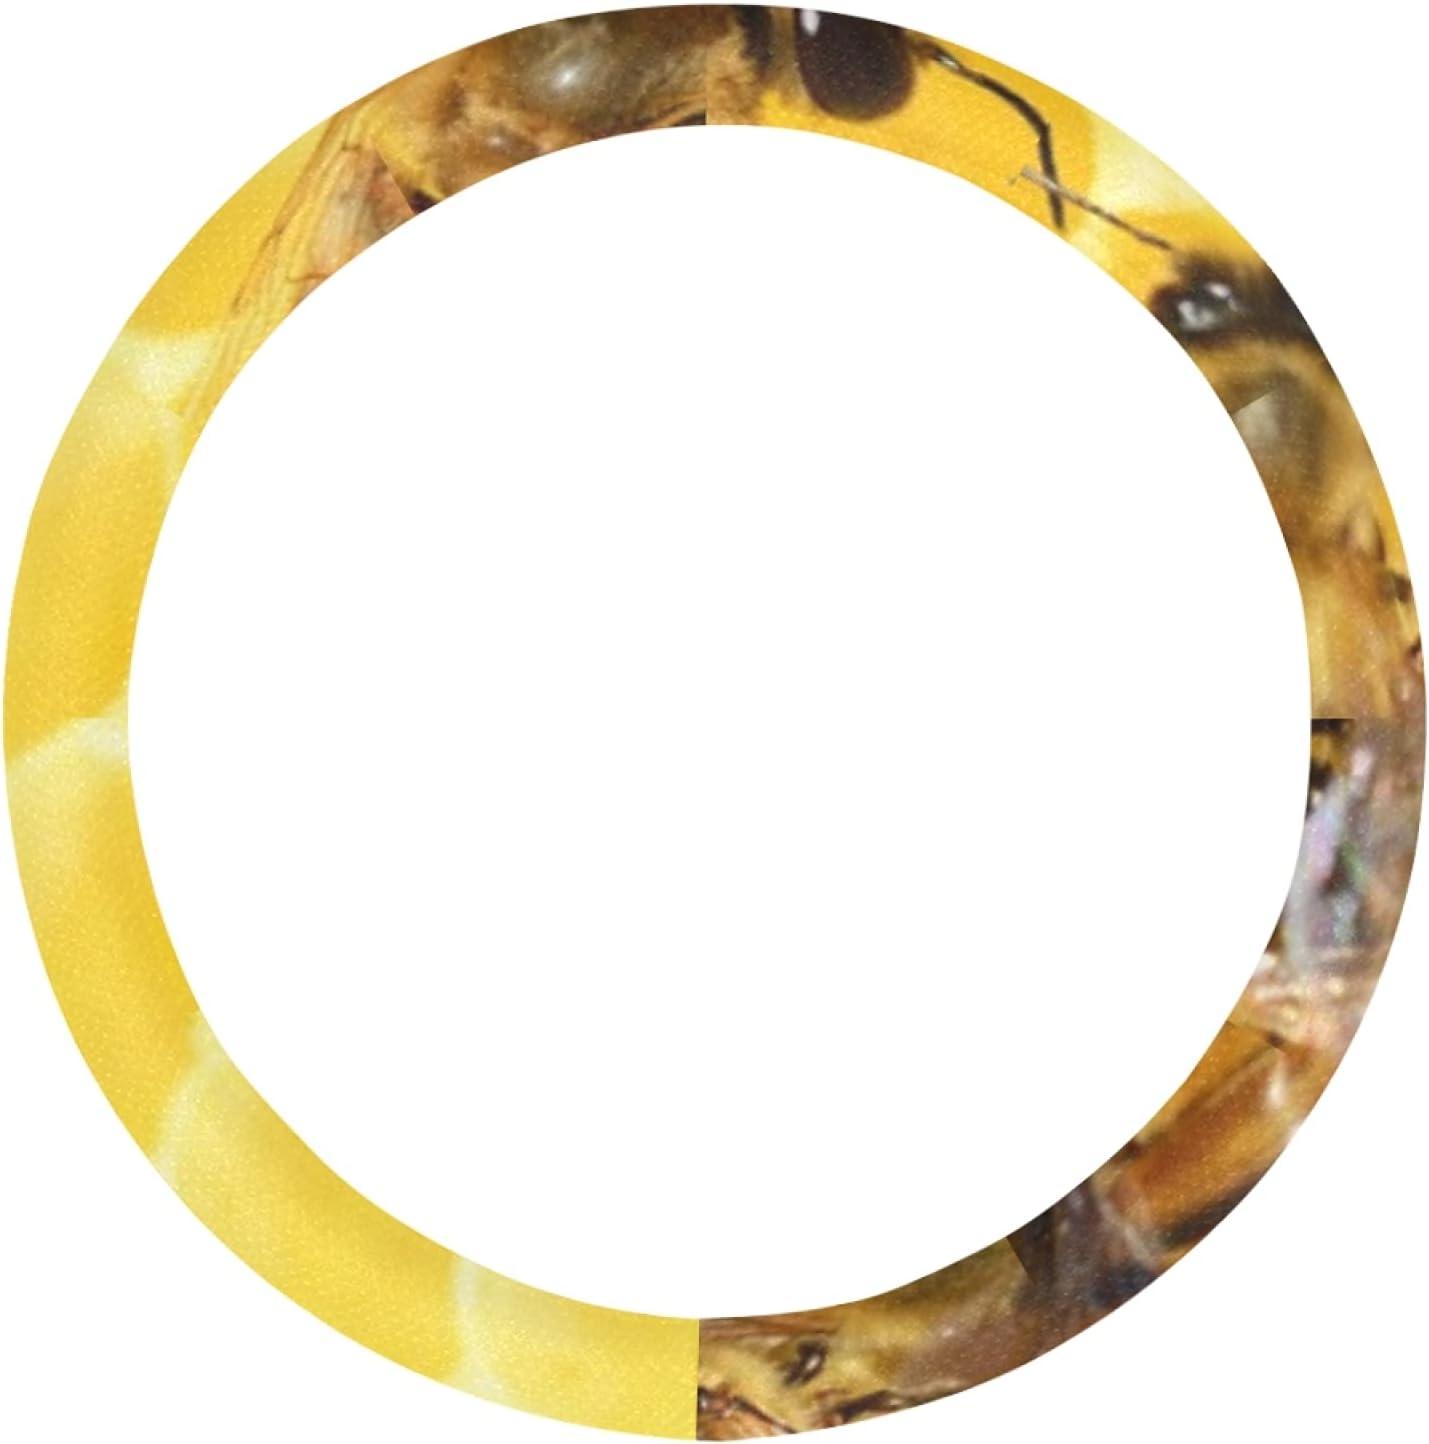 AIKENING Printed Steering Wholesale Wheel Cover B Import Honey Beehive Bees